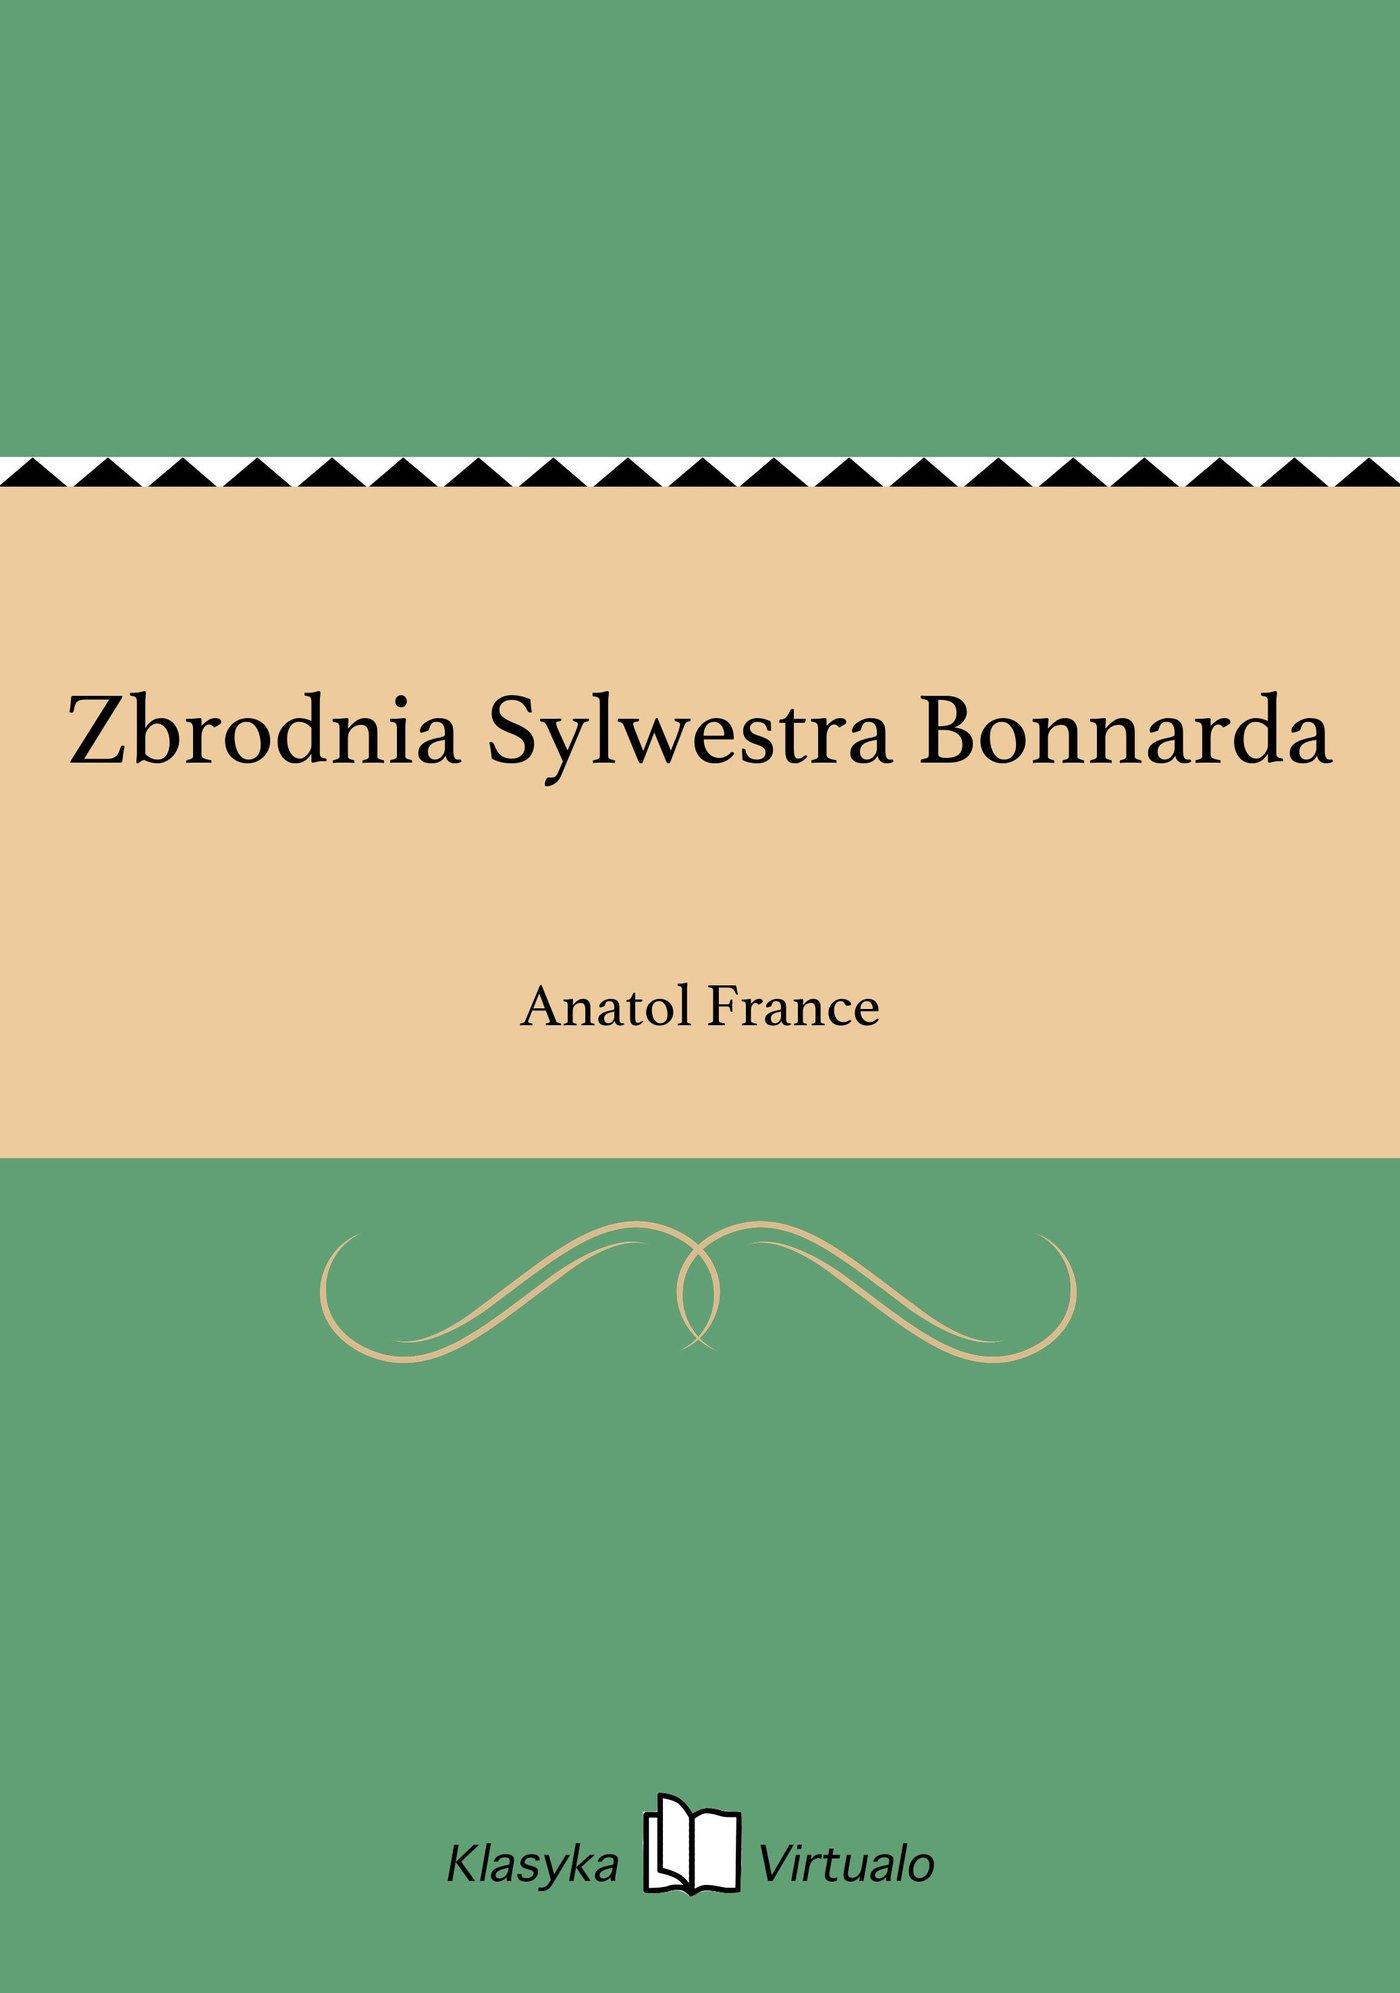 Zbrodnia Sylwestra Bonnarda - Ebook (Książka EPUB) do pobrania w formacie EPUB